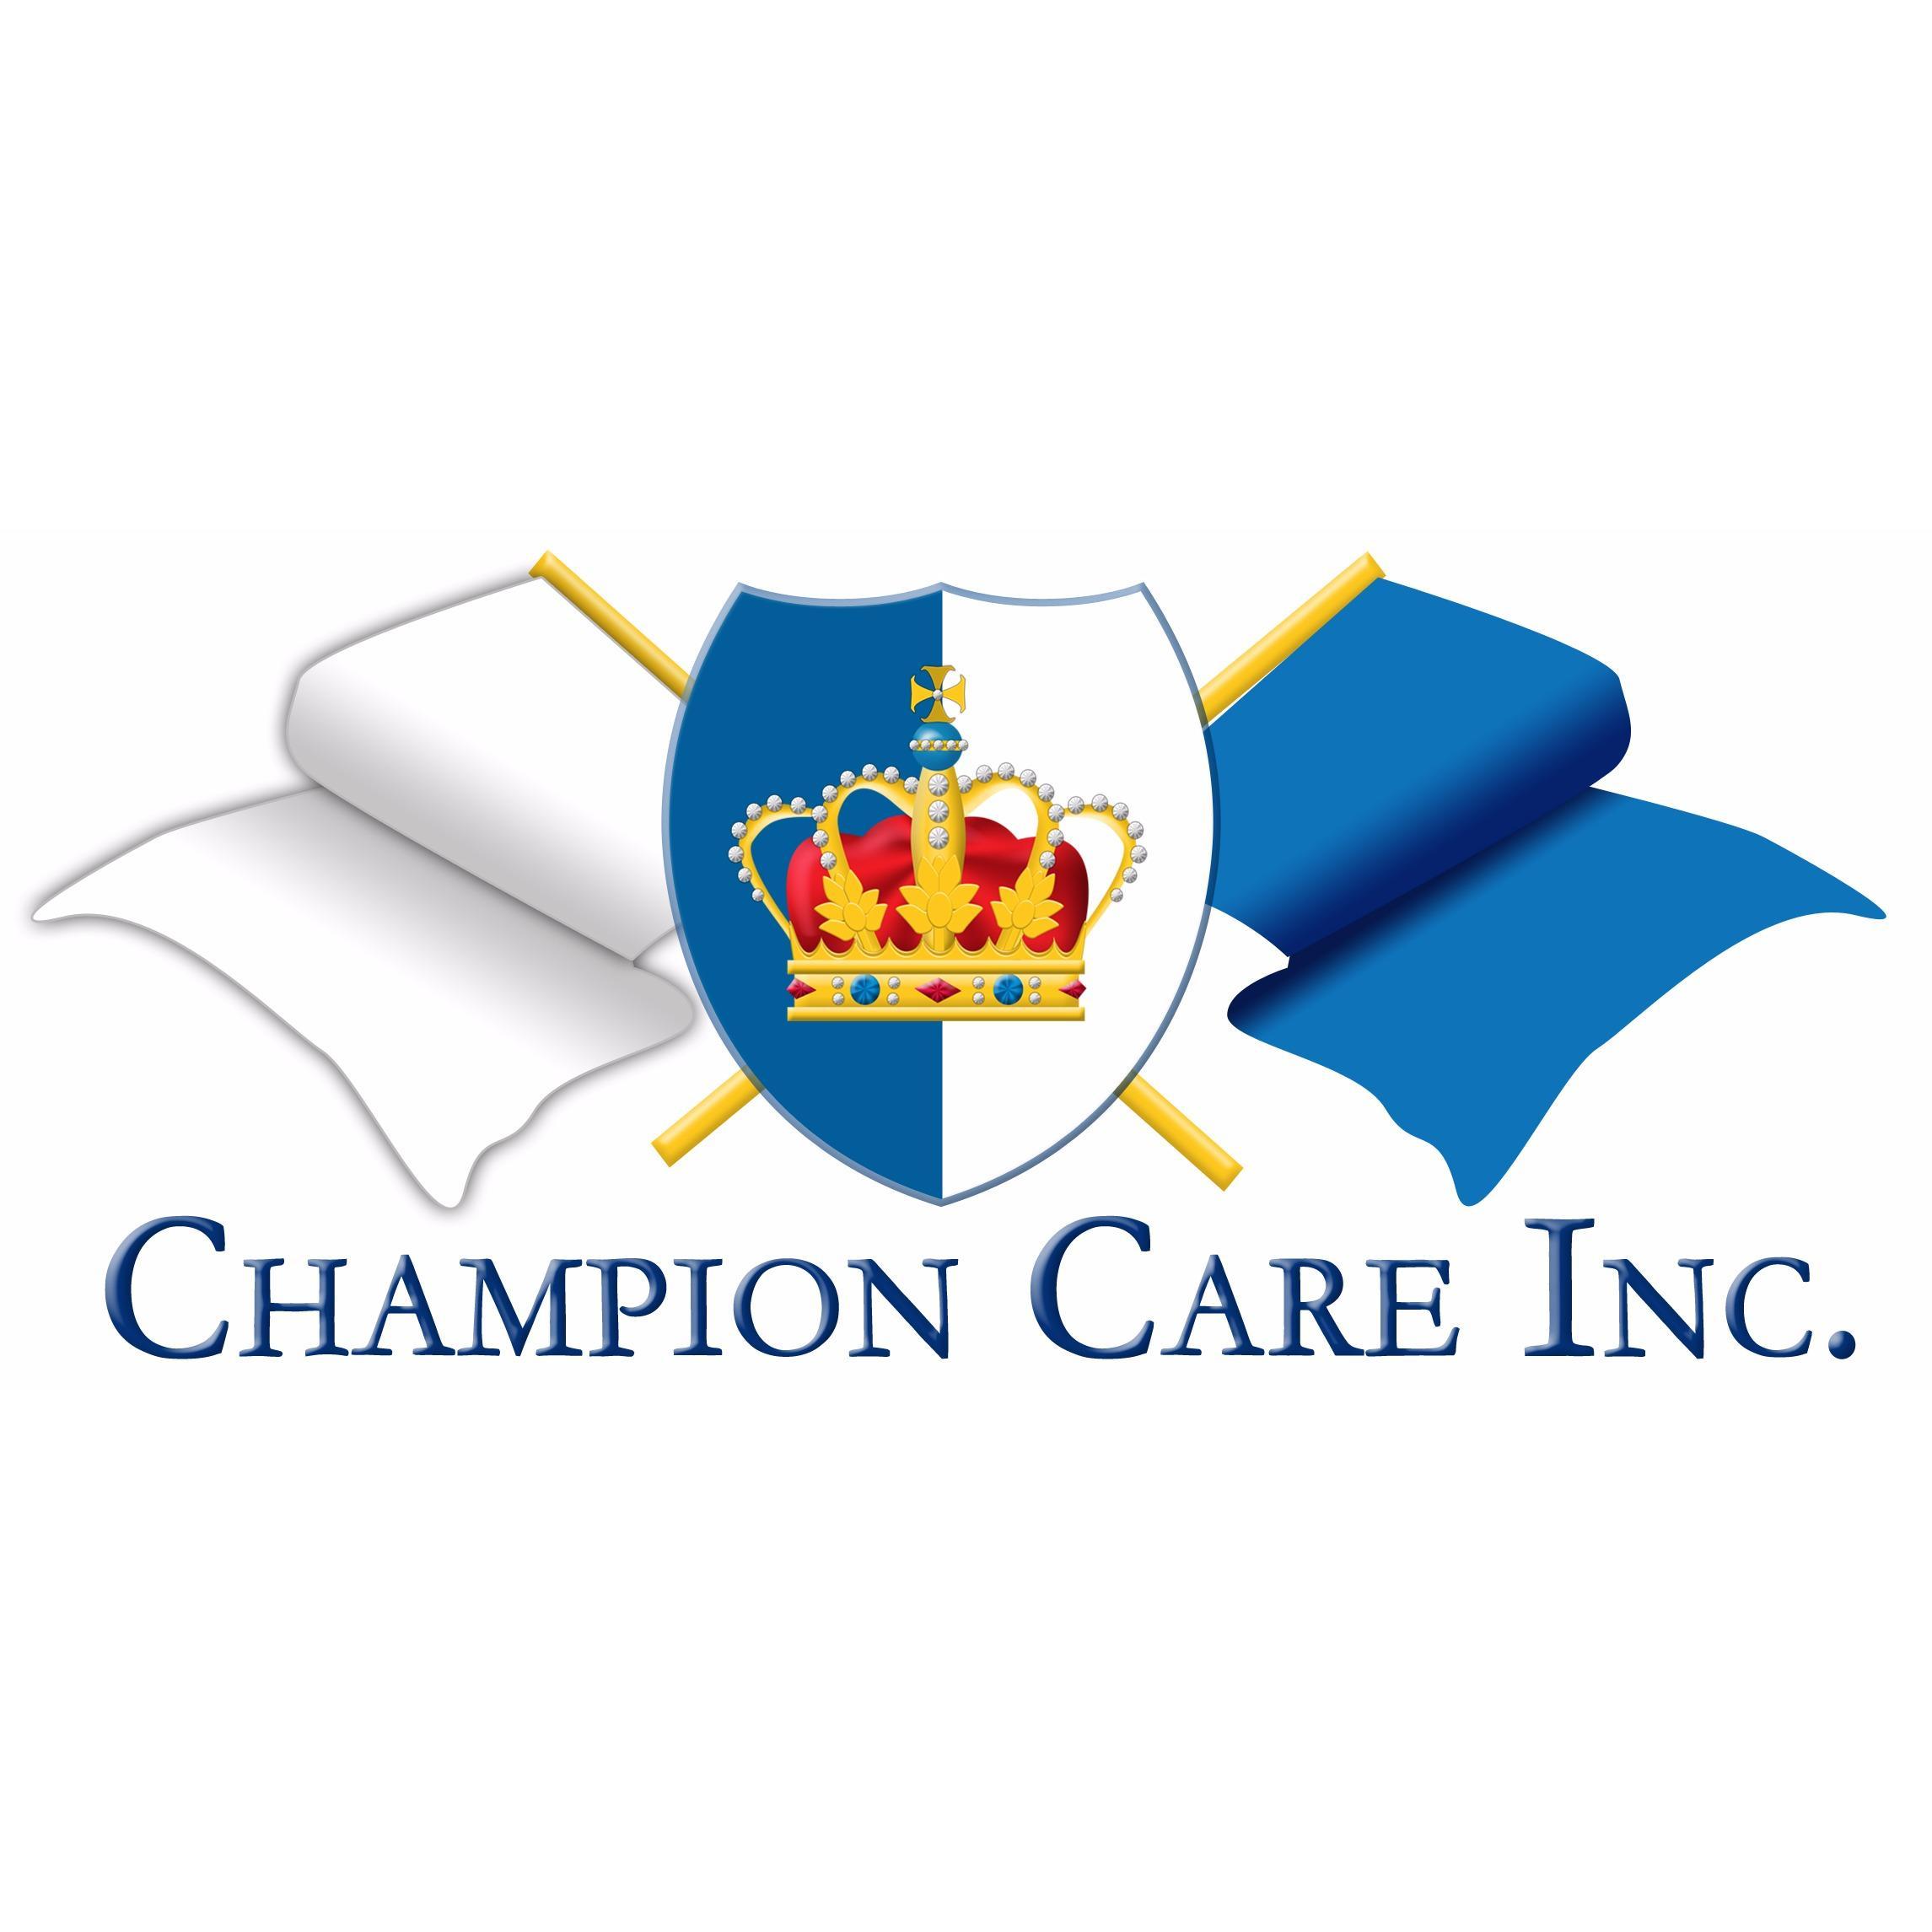 Champion Care Inc - Laredo, TX - Home Health Care Services